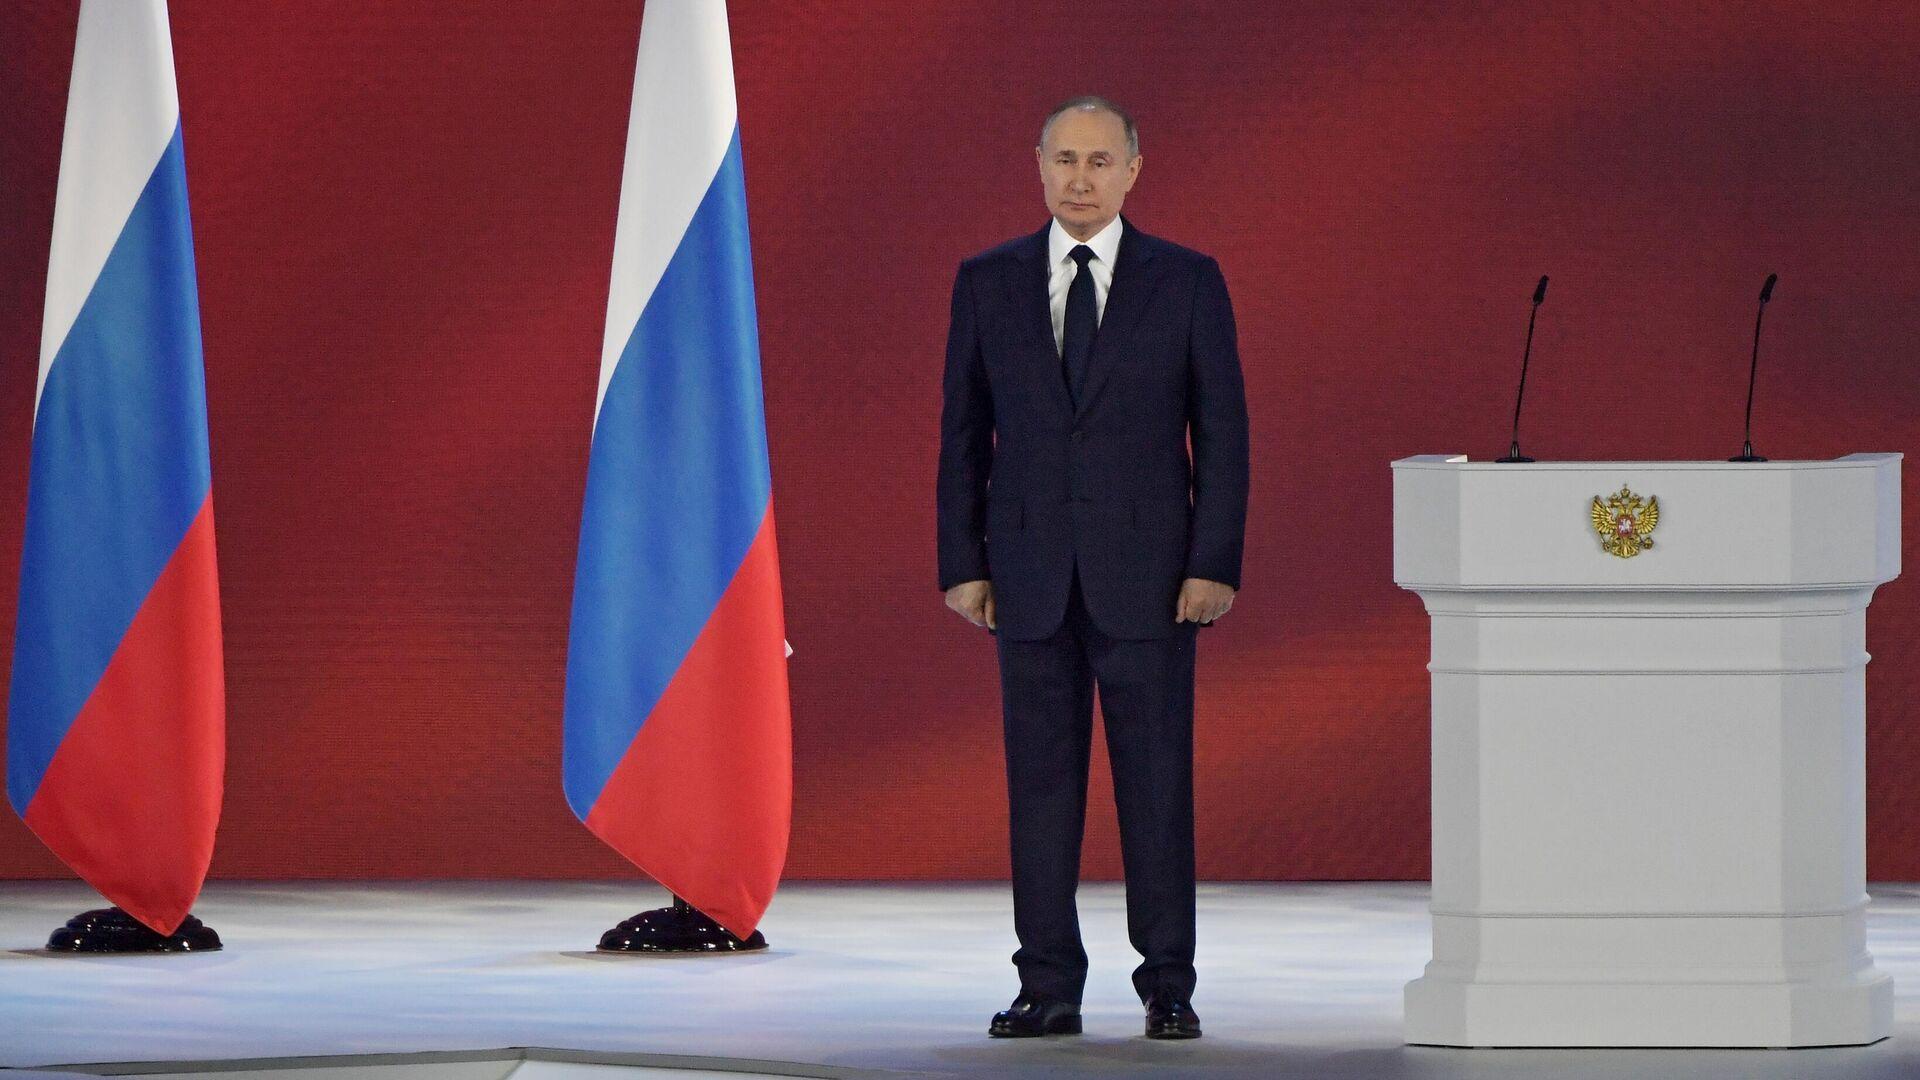 El presidente de Rusia, Vladímir Putin, durante su mensaje anual a la Asamblea Federal - Sputnik Mundo, 1920, 21.04.2021